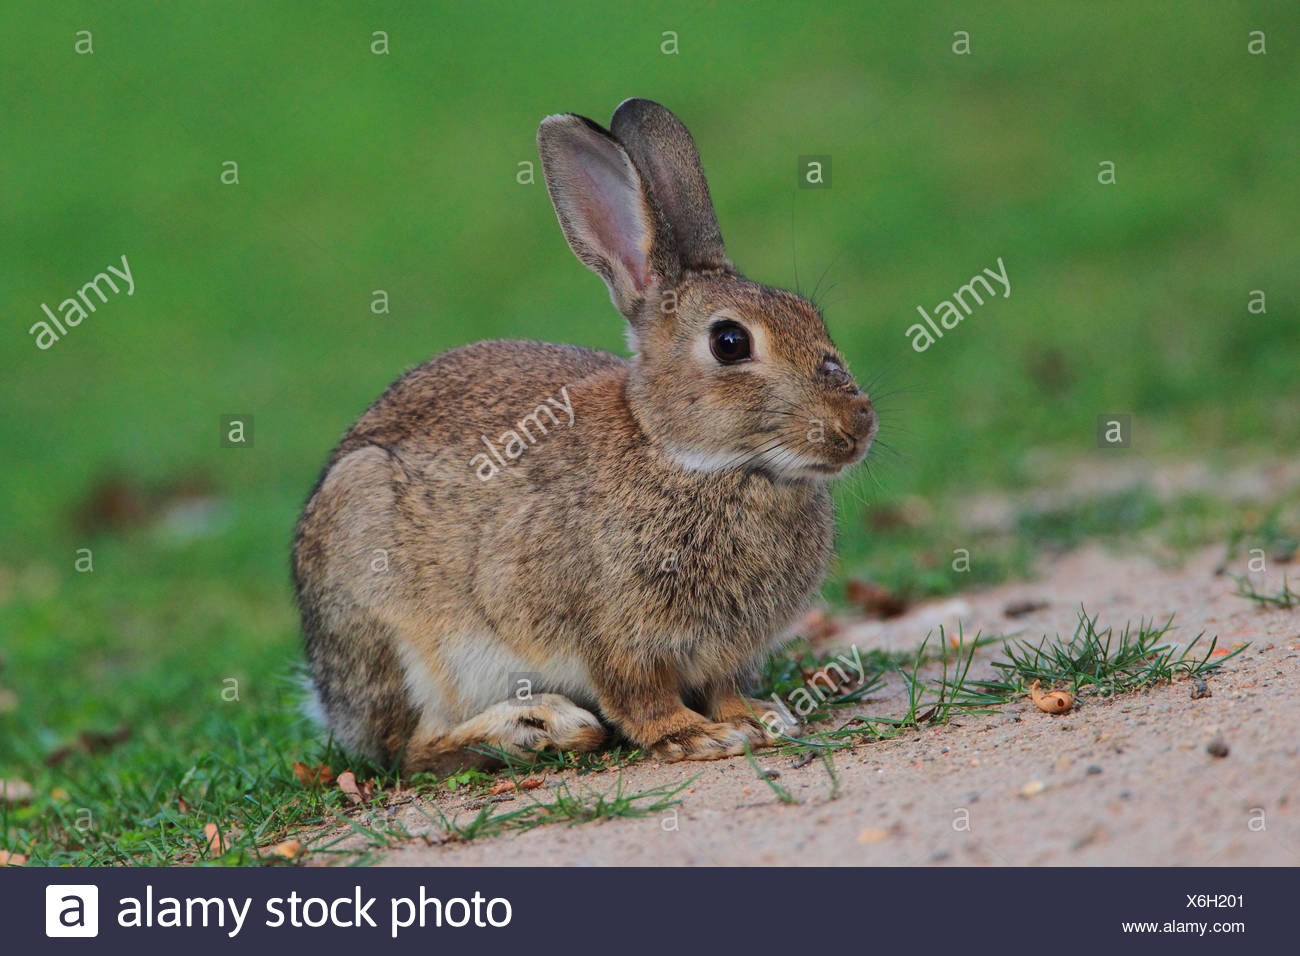 Coniglio europeo (oryctolagus cuniculus), coniglio selvatico seduto in un prato, Germania Immagini Stock